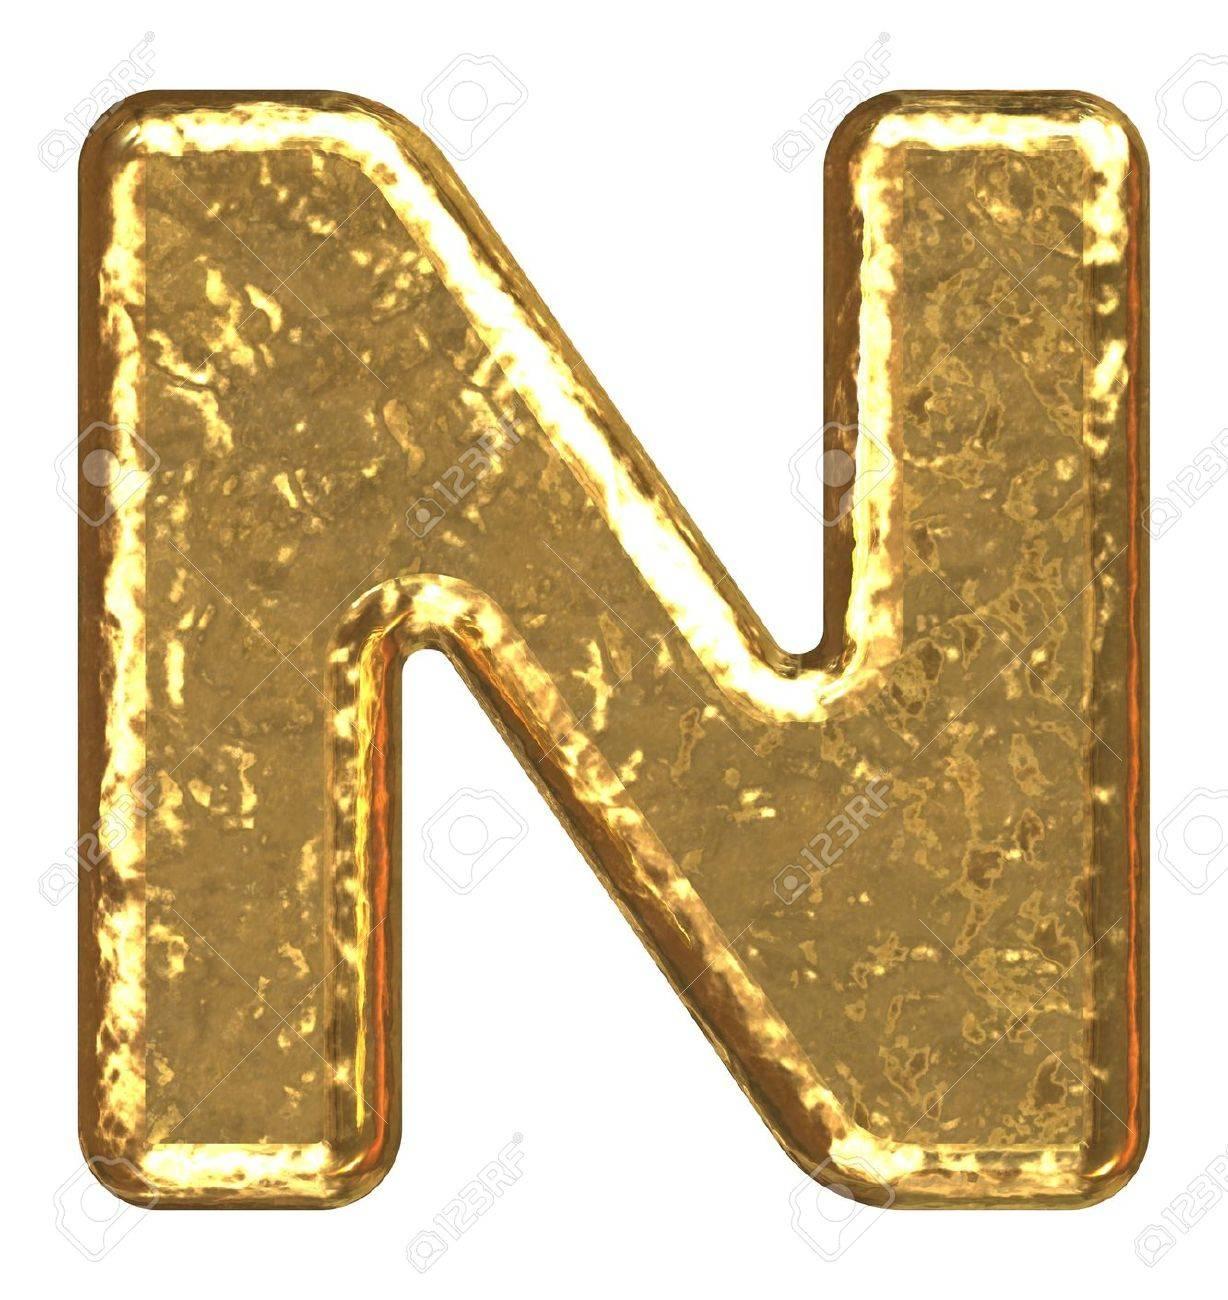 Golden font. Letter N. Stock Photo - 5648681